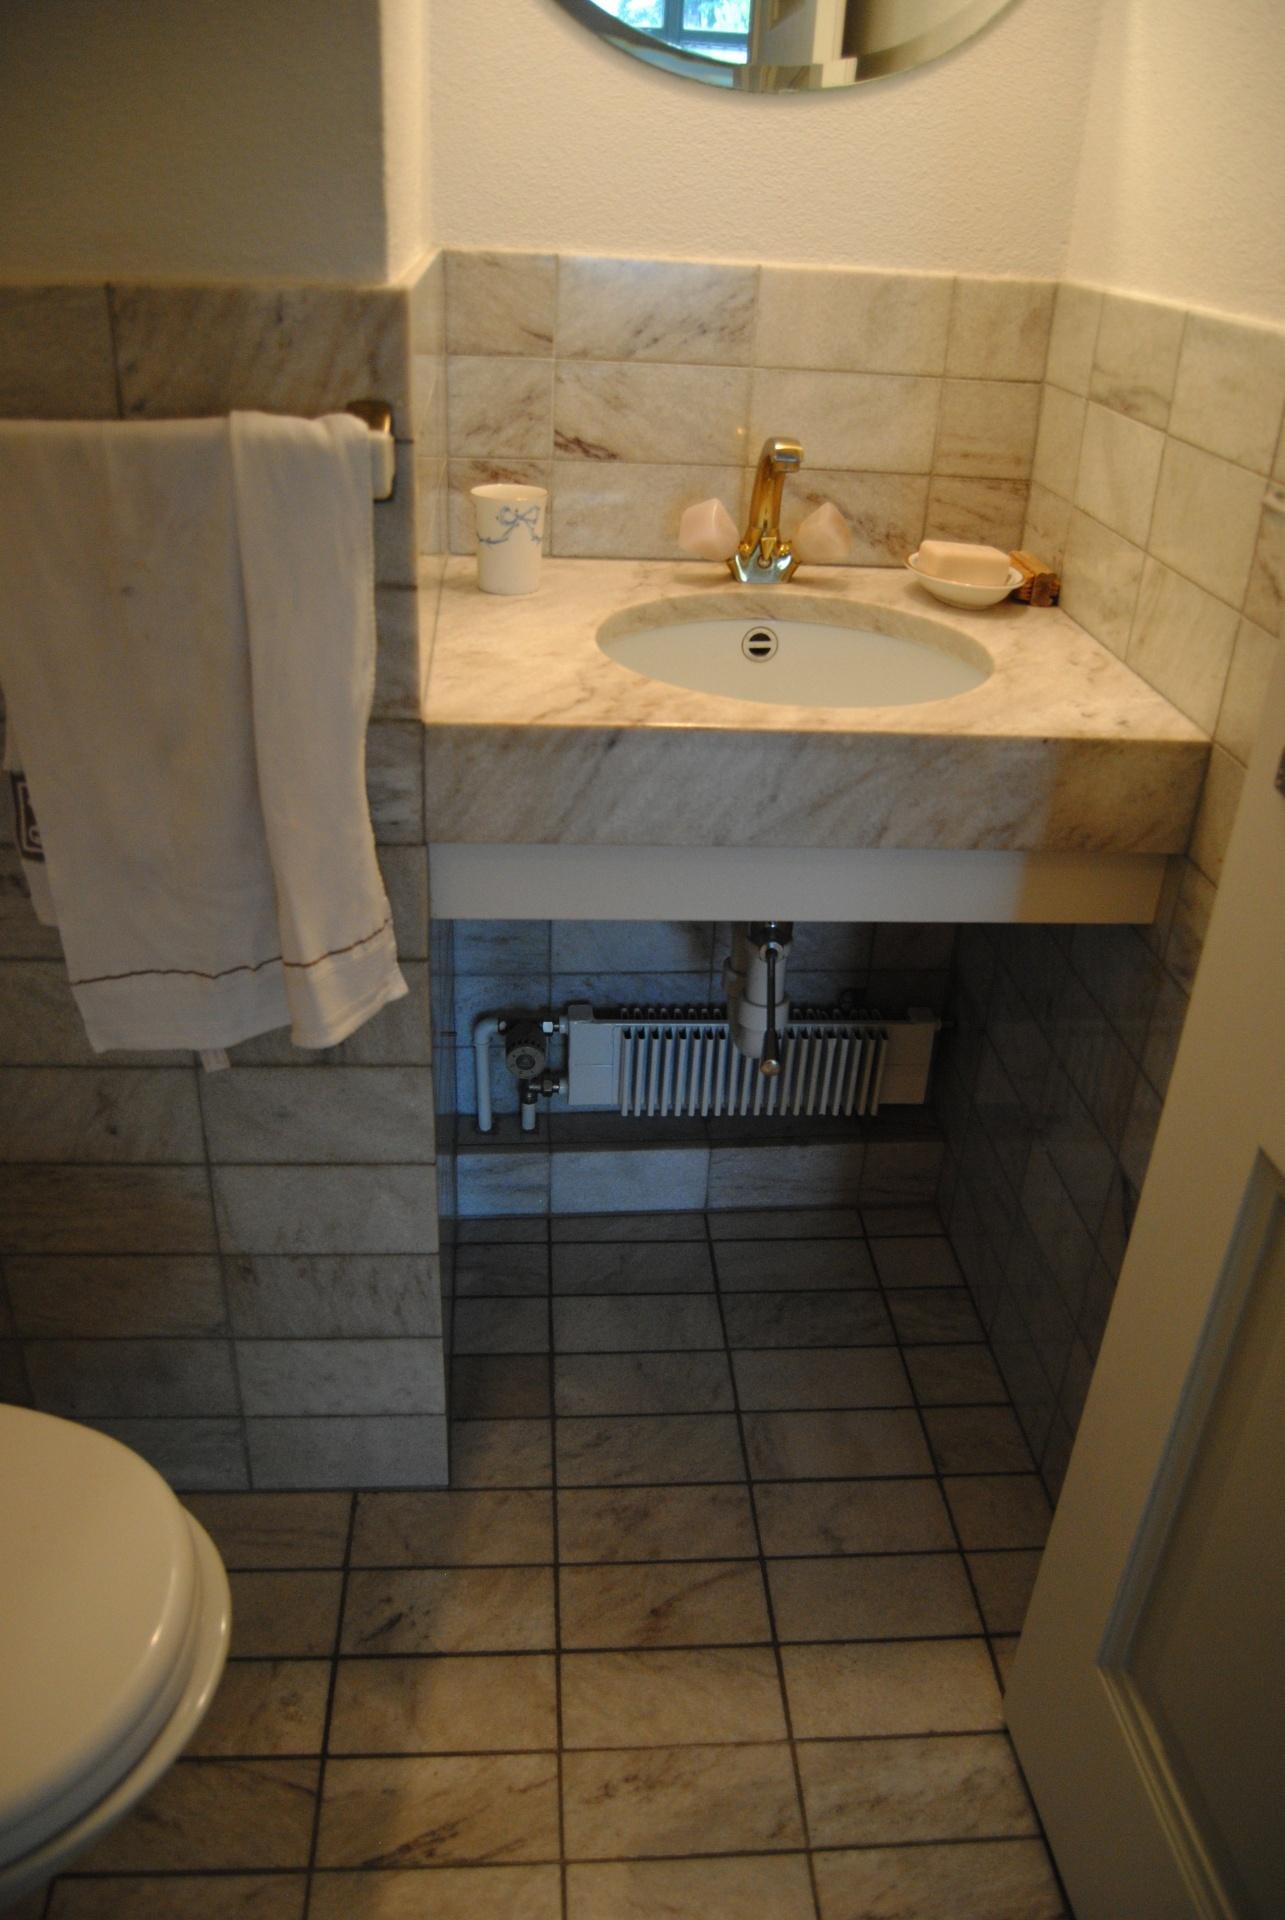 Eine unattraktive Gästetoilette aus den siebziger Jahren.